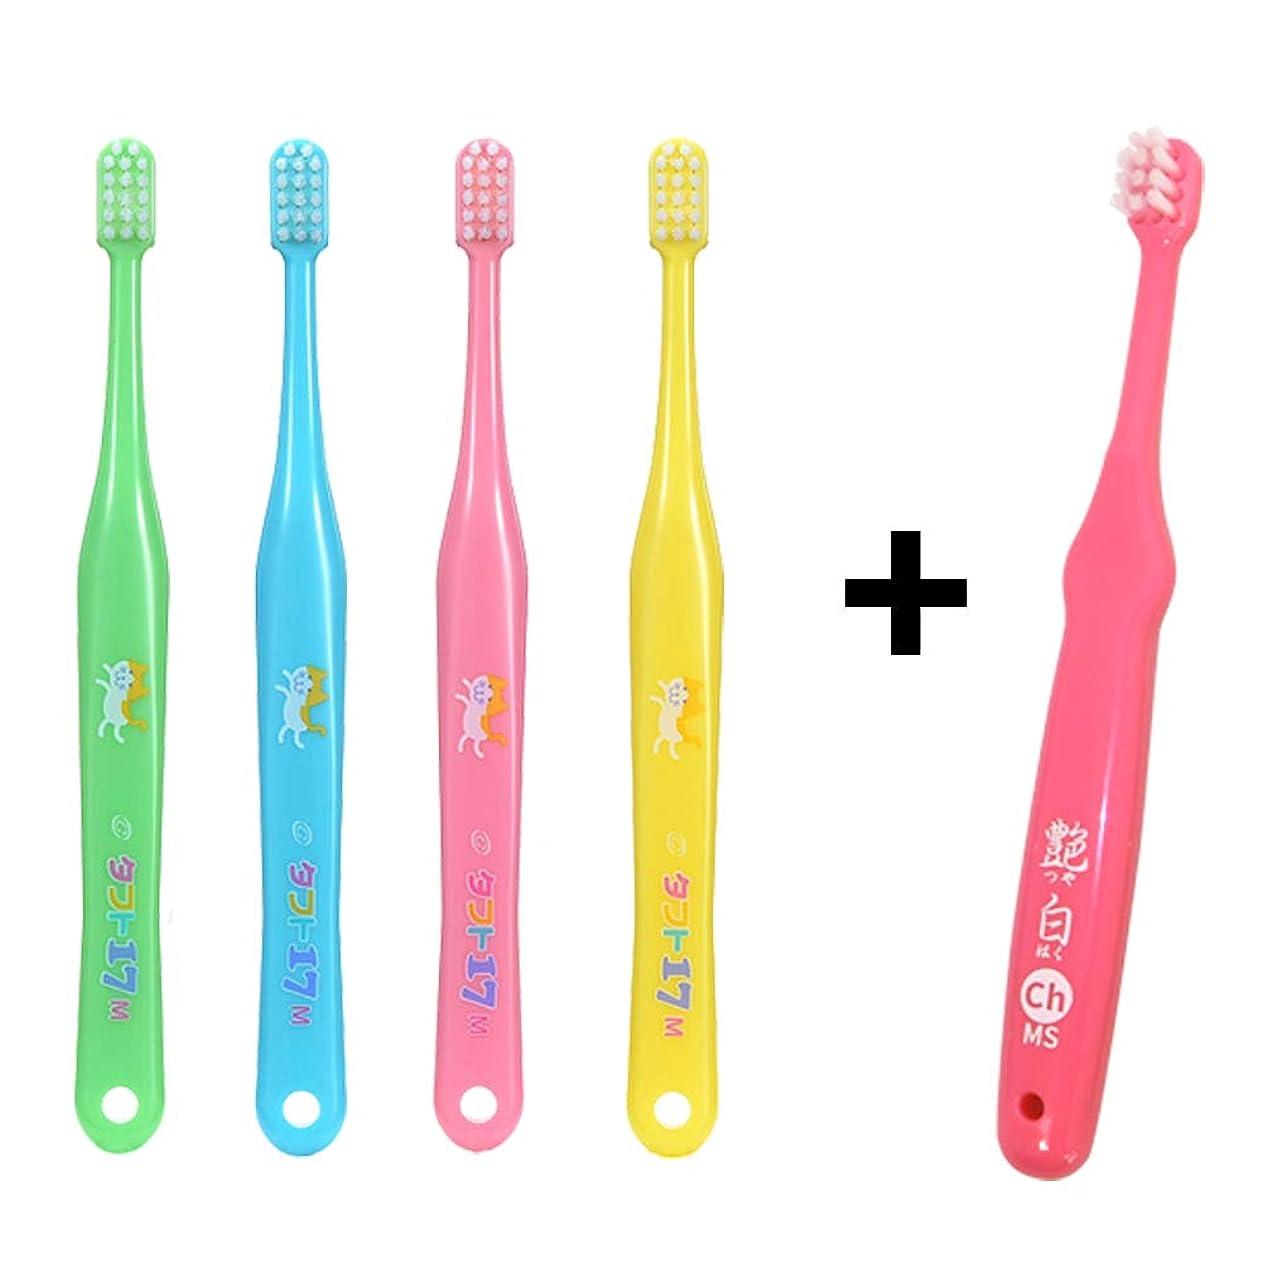 息苦しい卑しいタイピストタフト17 M 歯ブラシ×10本 + 艶白(つやはく) Ch チャイルド ハブラシ×1本 MS(やややわらかめ) 日本製 歯科専売品